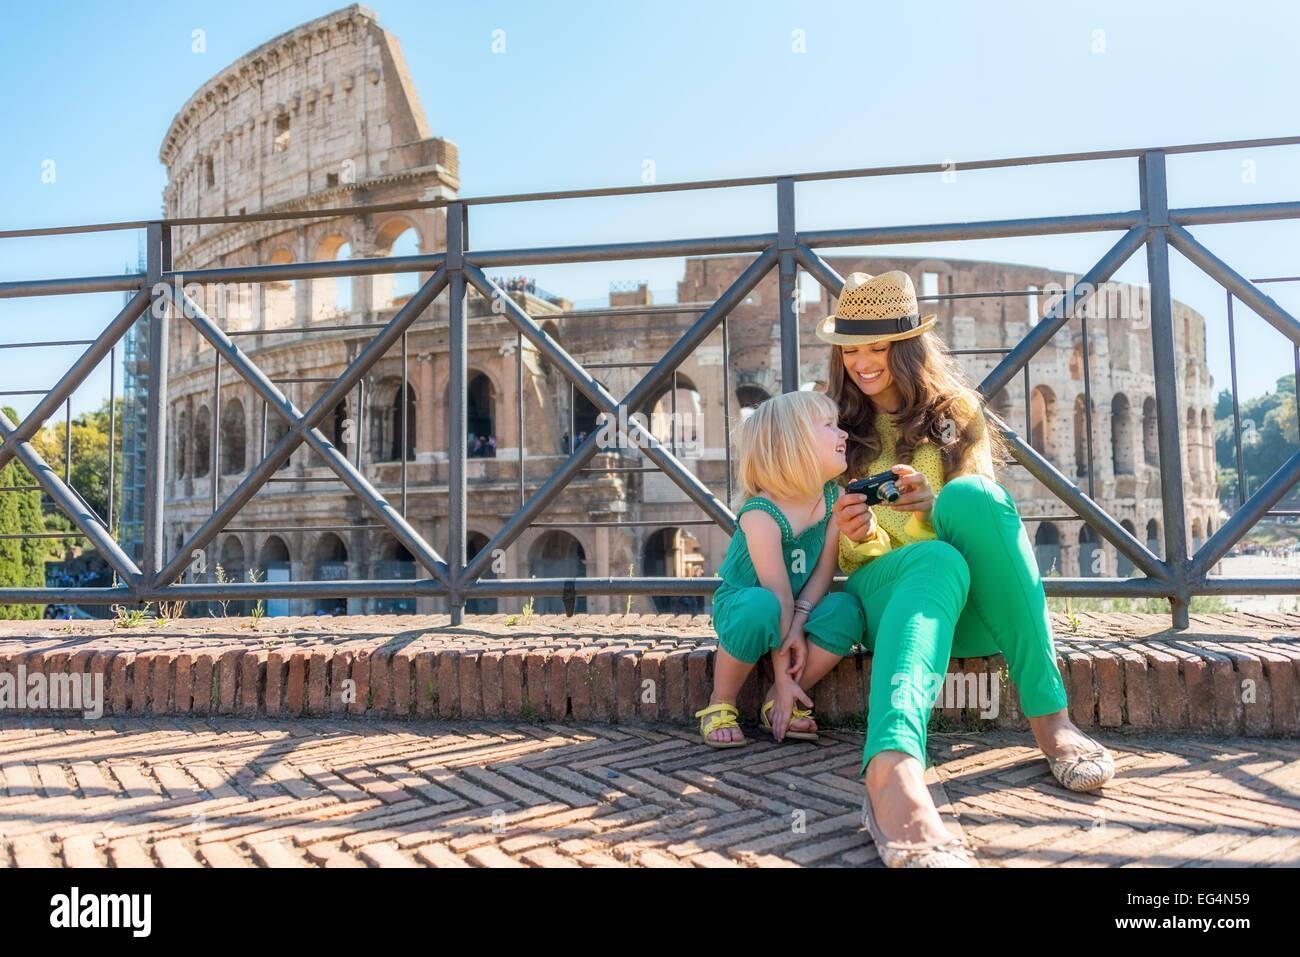 La madre y el bebé chica sentada delante del coliseo en Roma, Italia Imagen De Stock